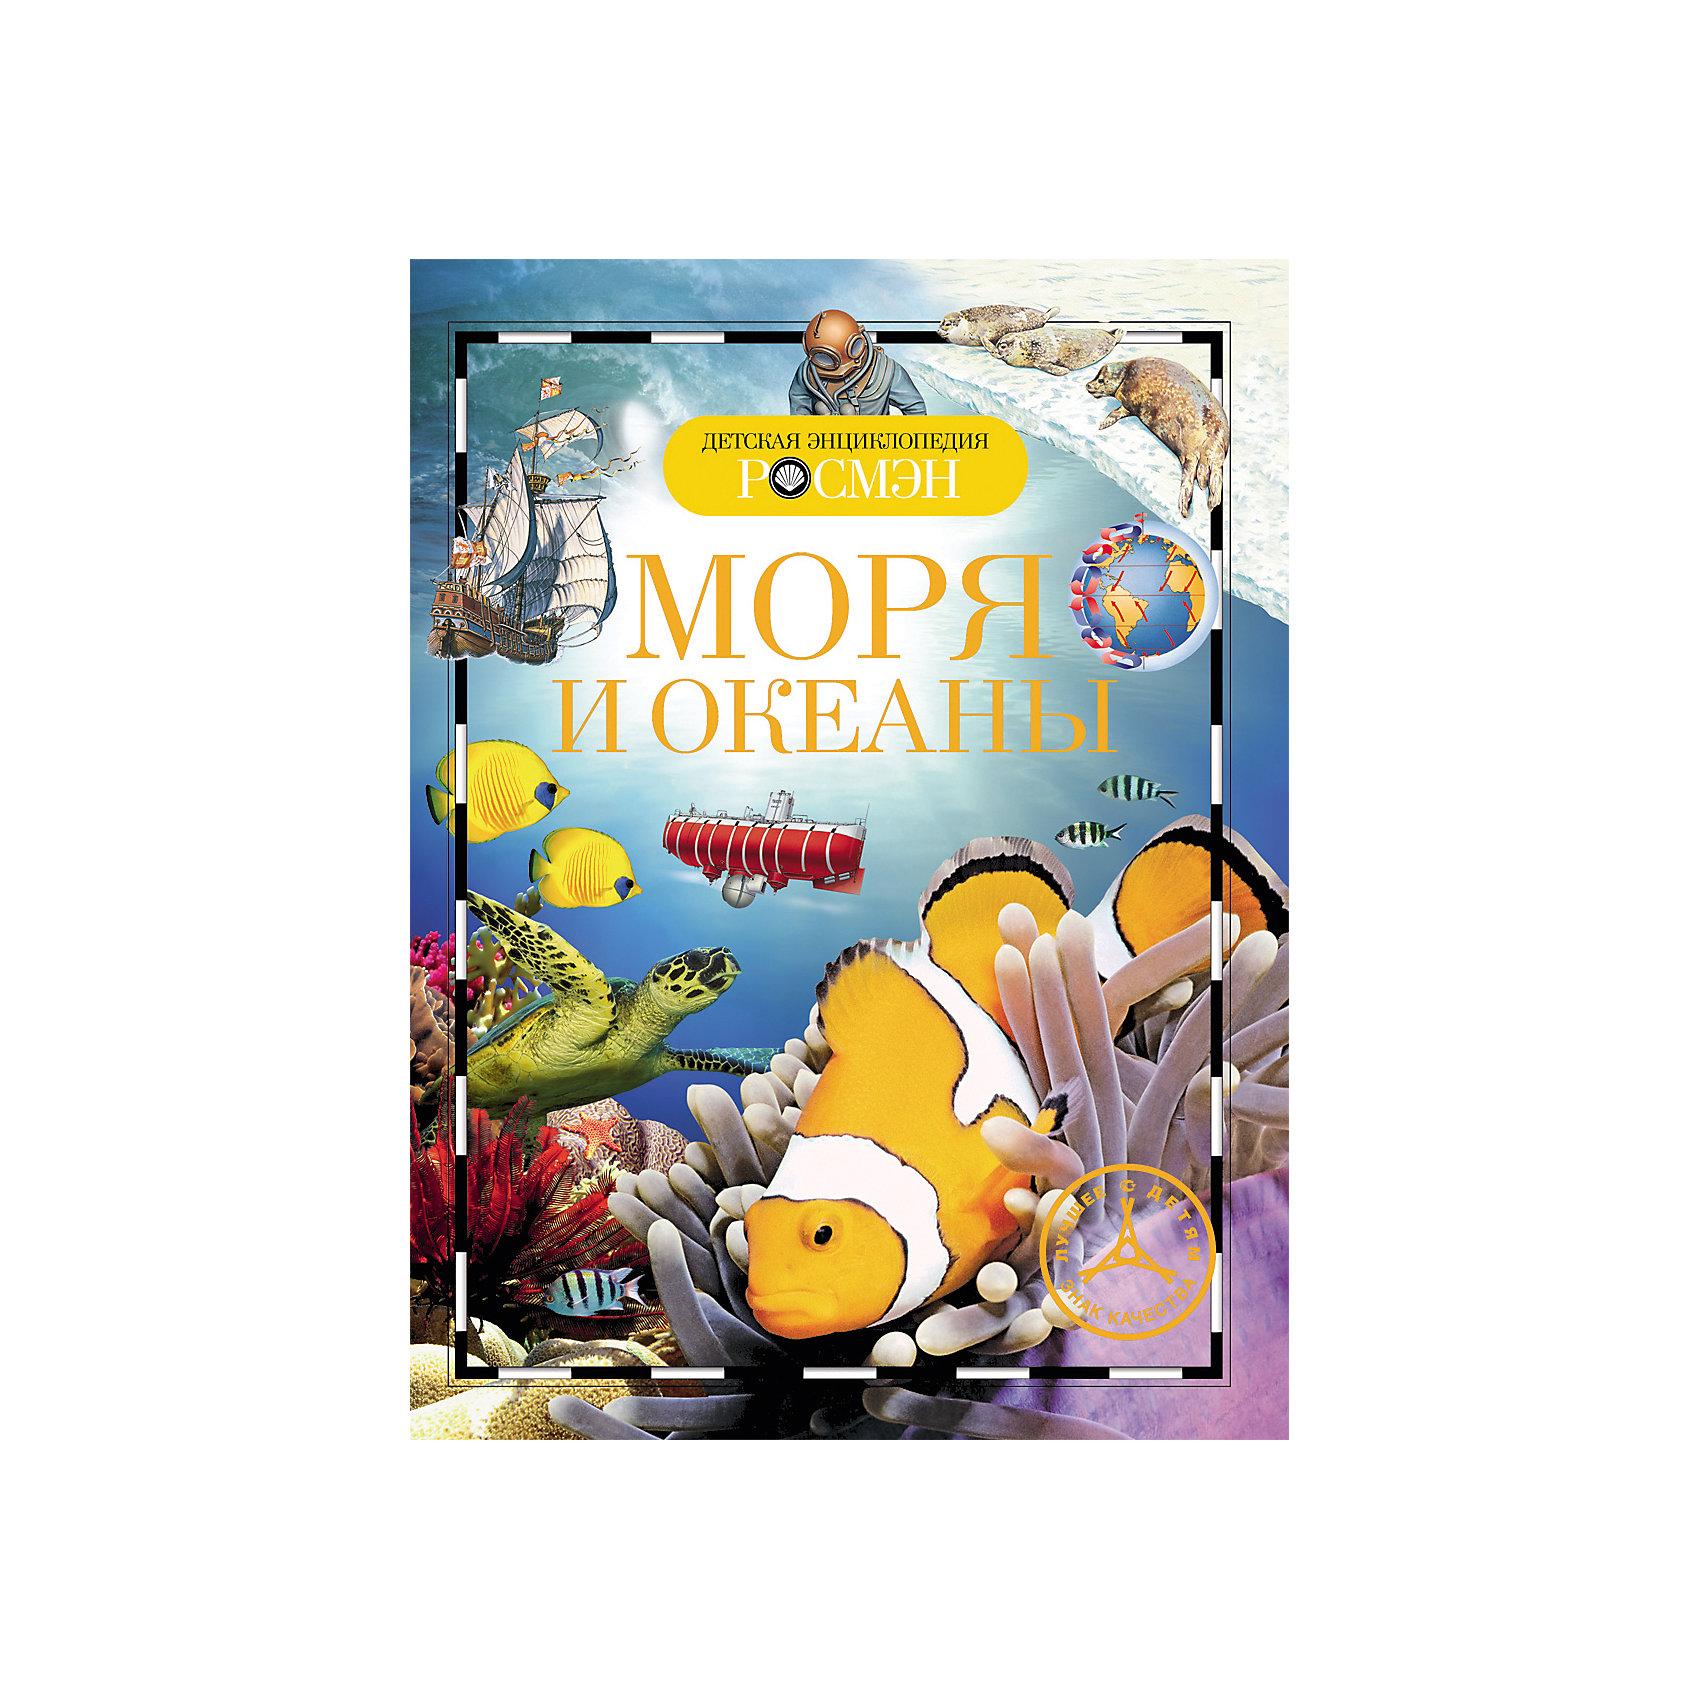 Моря и океаныХарактеристики товара:<br><br>- цвет: разноцветный;<br>- материал: бумага;<br>- страниц: 96;<br>- формат: 17 x 21 см;<br>- обложка: твердая;<br>- цветные иллюстрации.<br><br>Эта интересная книга с иллюстрациями станет отличным подарком для ребенка. Она содержит в себе ответы на вопросы, которые интересуют малышей. Всё представлено в очень простой форме! Талантливый иллюстратор дополнил книгу качественными рисунками, которые помогают ребенку понять суть многих вещей в нашем мире. Удивительные и интересные факты помогут привить любовь к учебе!<br>Чтение - отличный способ активизации мышления, оно помогает ребенку развивать зрительную память, концентрацию внимания и воображение. Издание произведено из качественных материалов, которые безопасны даже для самых маленьких.<br><br>Книгу Моря и океаны от компании Росмэн можно купить в нашем интернет-магазине.<br><br>Ширина мм: 220<br>Глубина мм: 170<br>Высота мм: 10<br>Вес г: 234<br>Возраст от месяцев: 84<br>Возраст до месяцев: 108<br>Пол: Унисекс<br>Возраст: Детский<br>SKU: 5109982